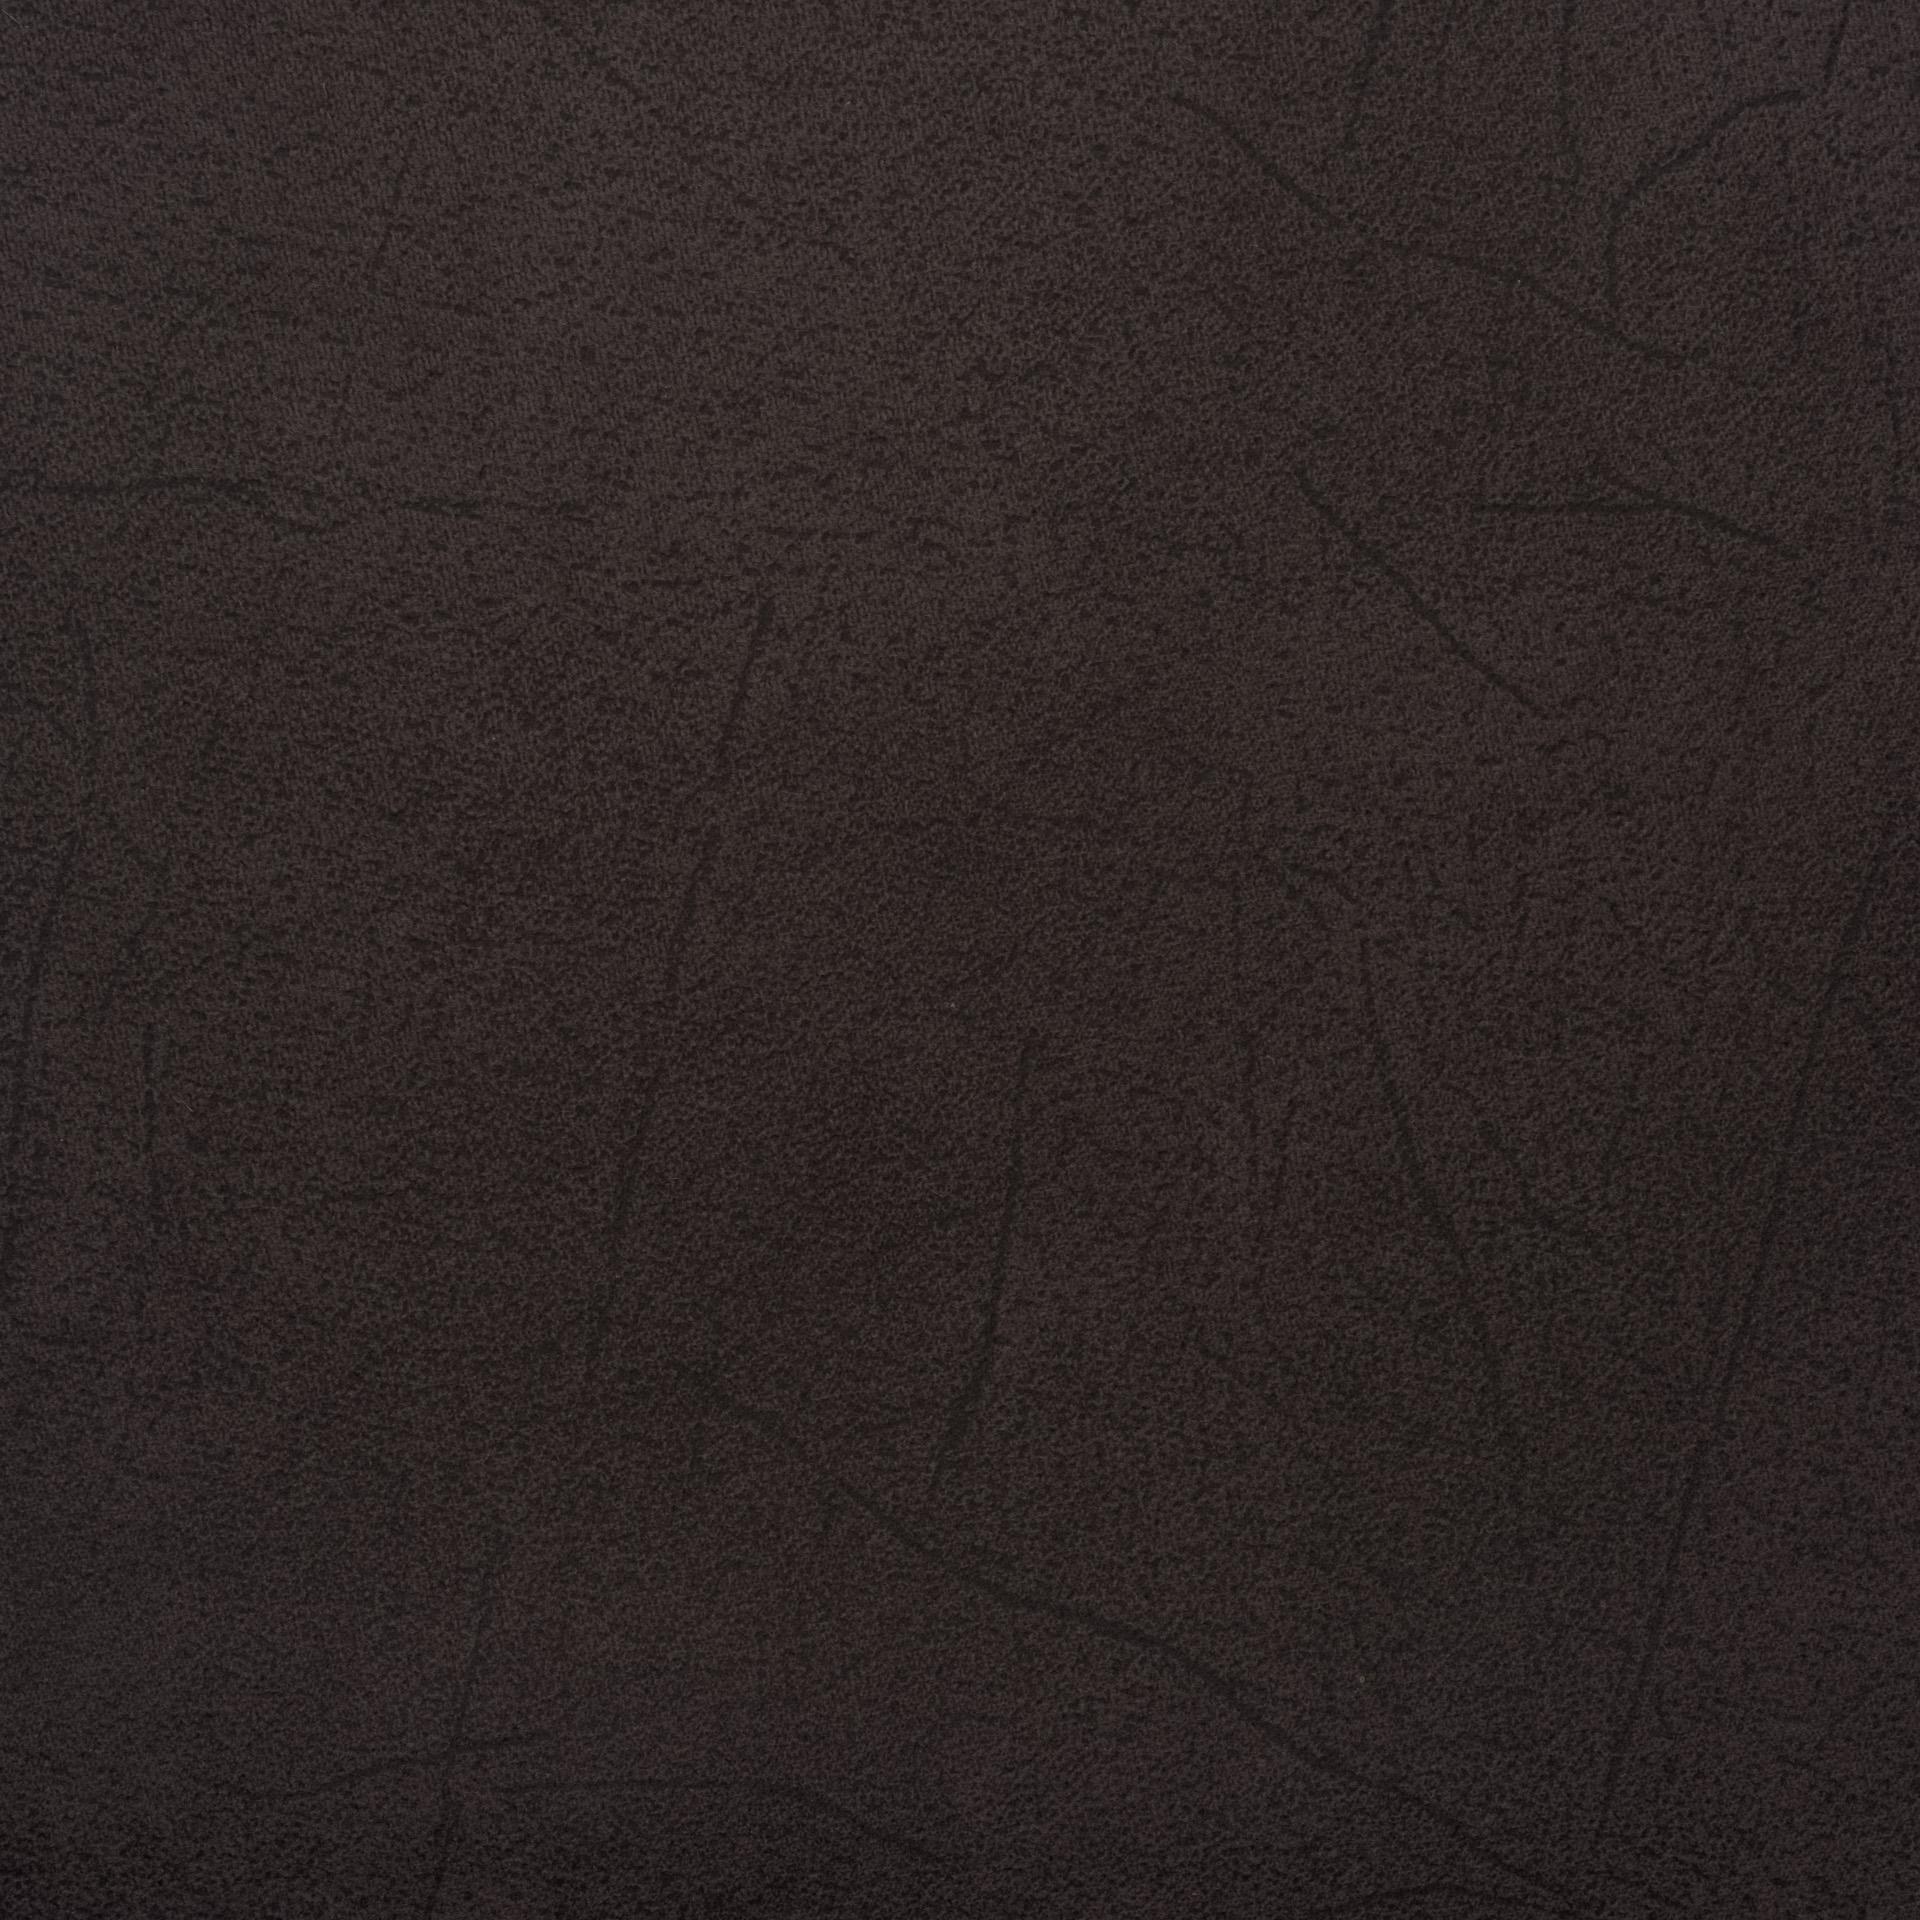 Коллекция ткани Джерри 11,  купить ткань Велюр для мебели Украина